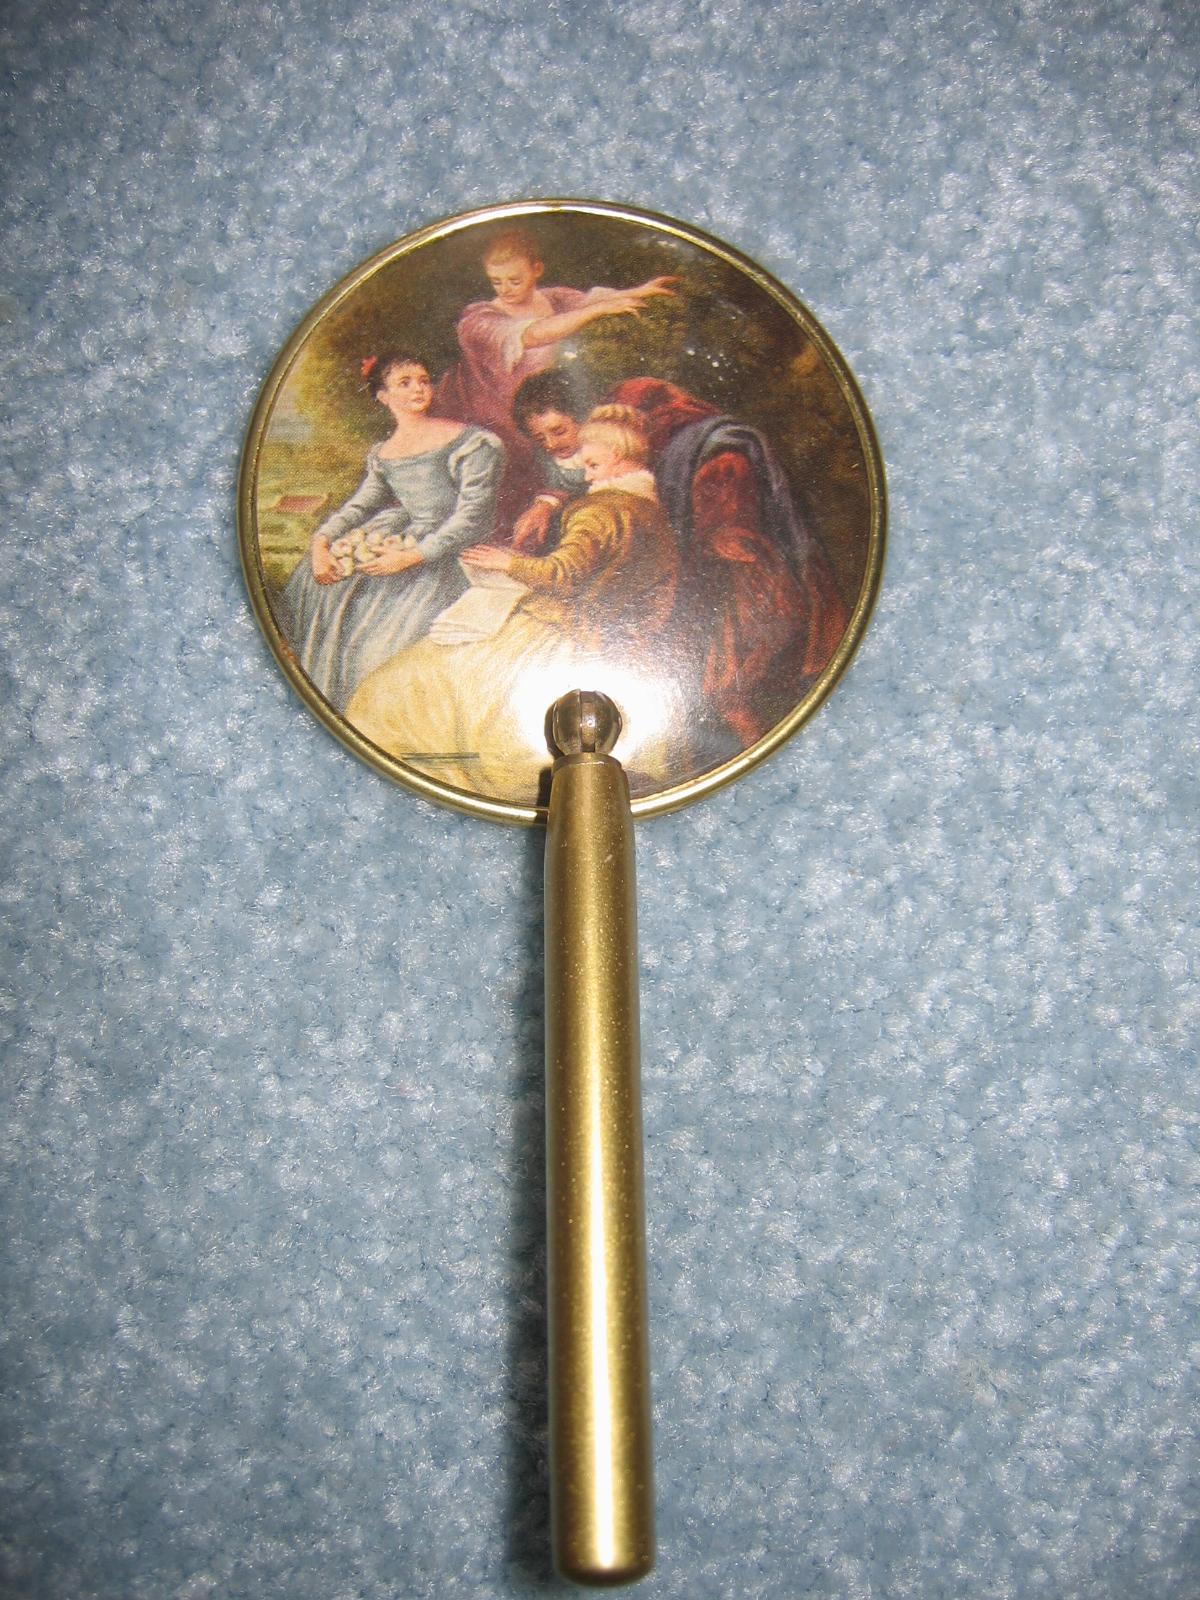 Vintage German Hand Held Vanity Mirror Item #622 For Sale ...